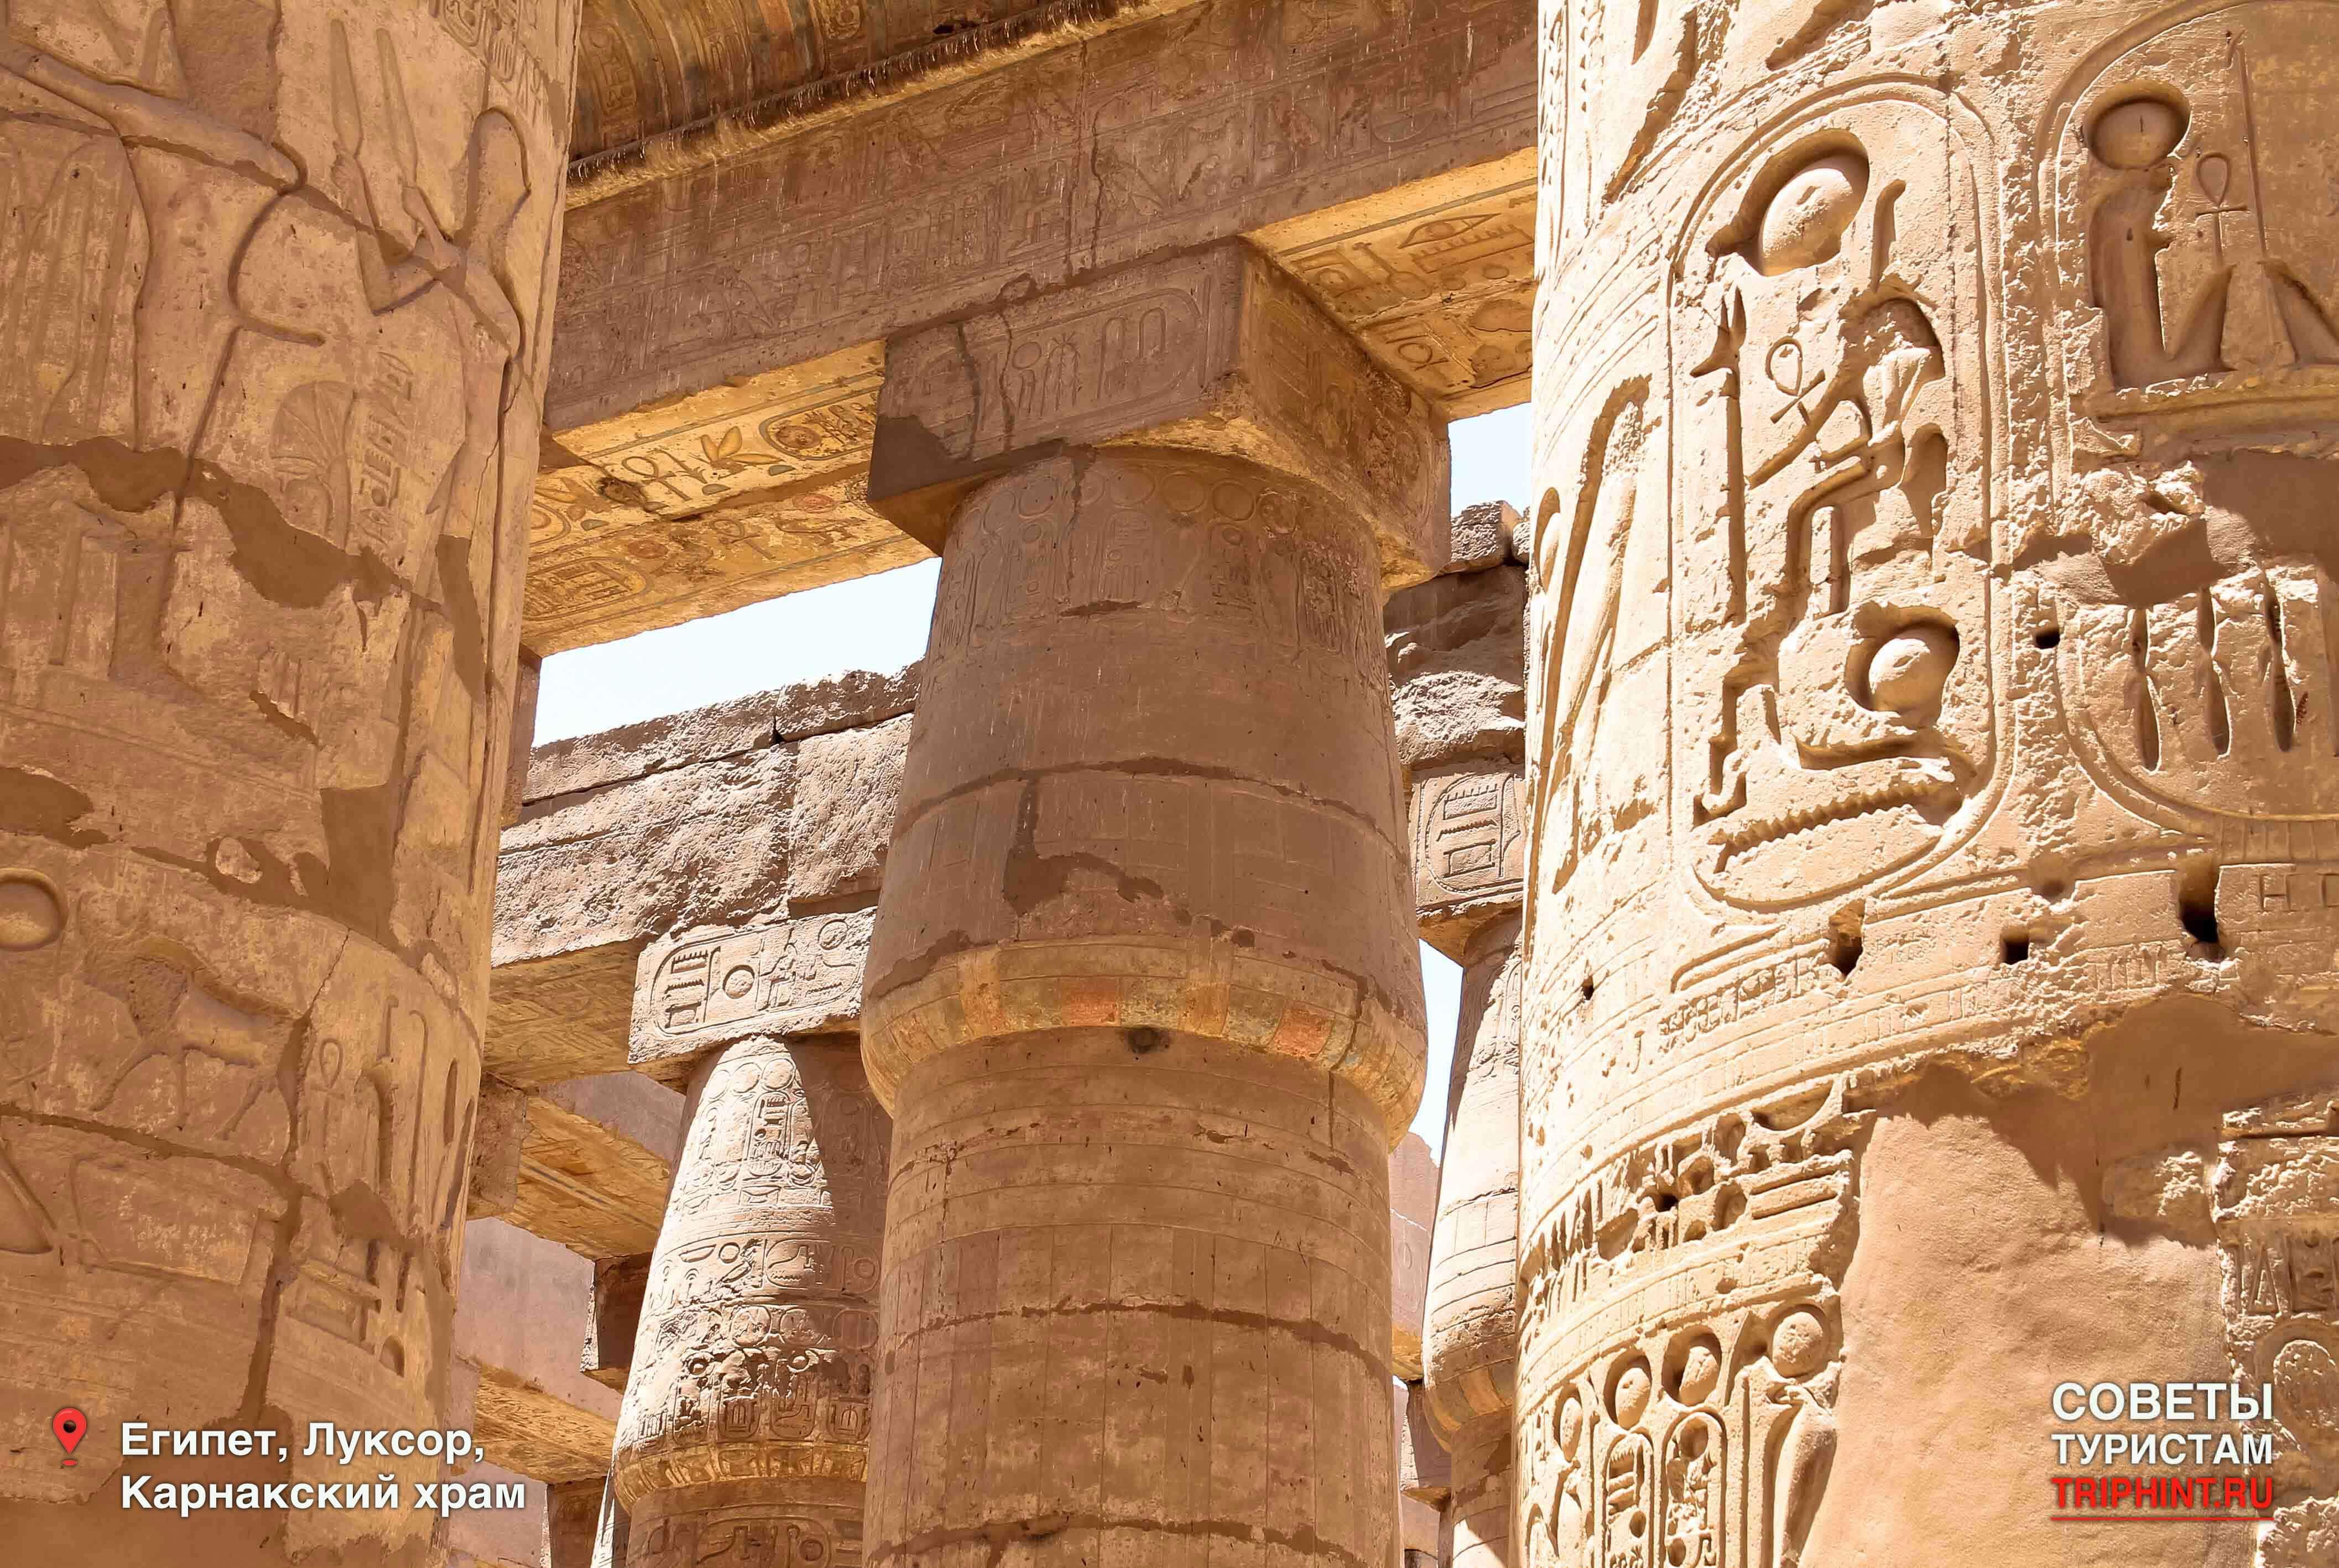 Куда поехать что посмотреть в Египте в декабре: Карнакский храм (Луксор)